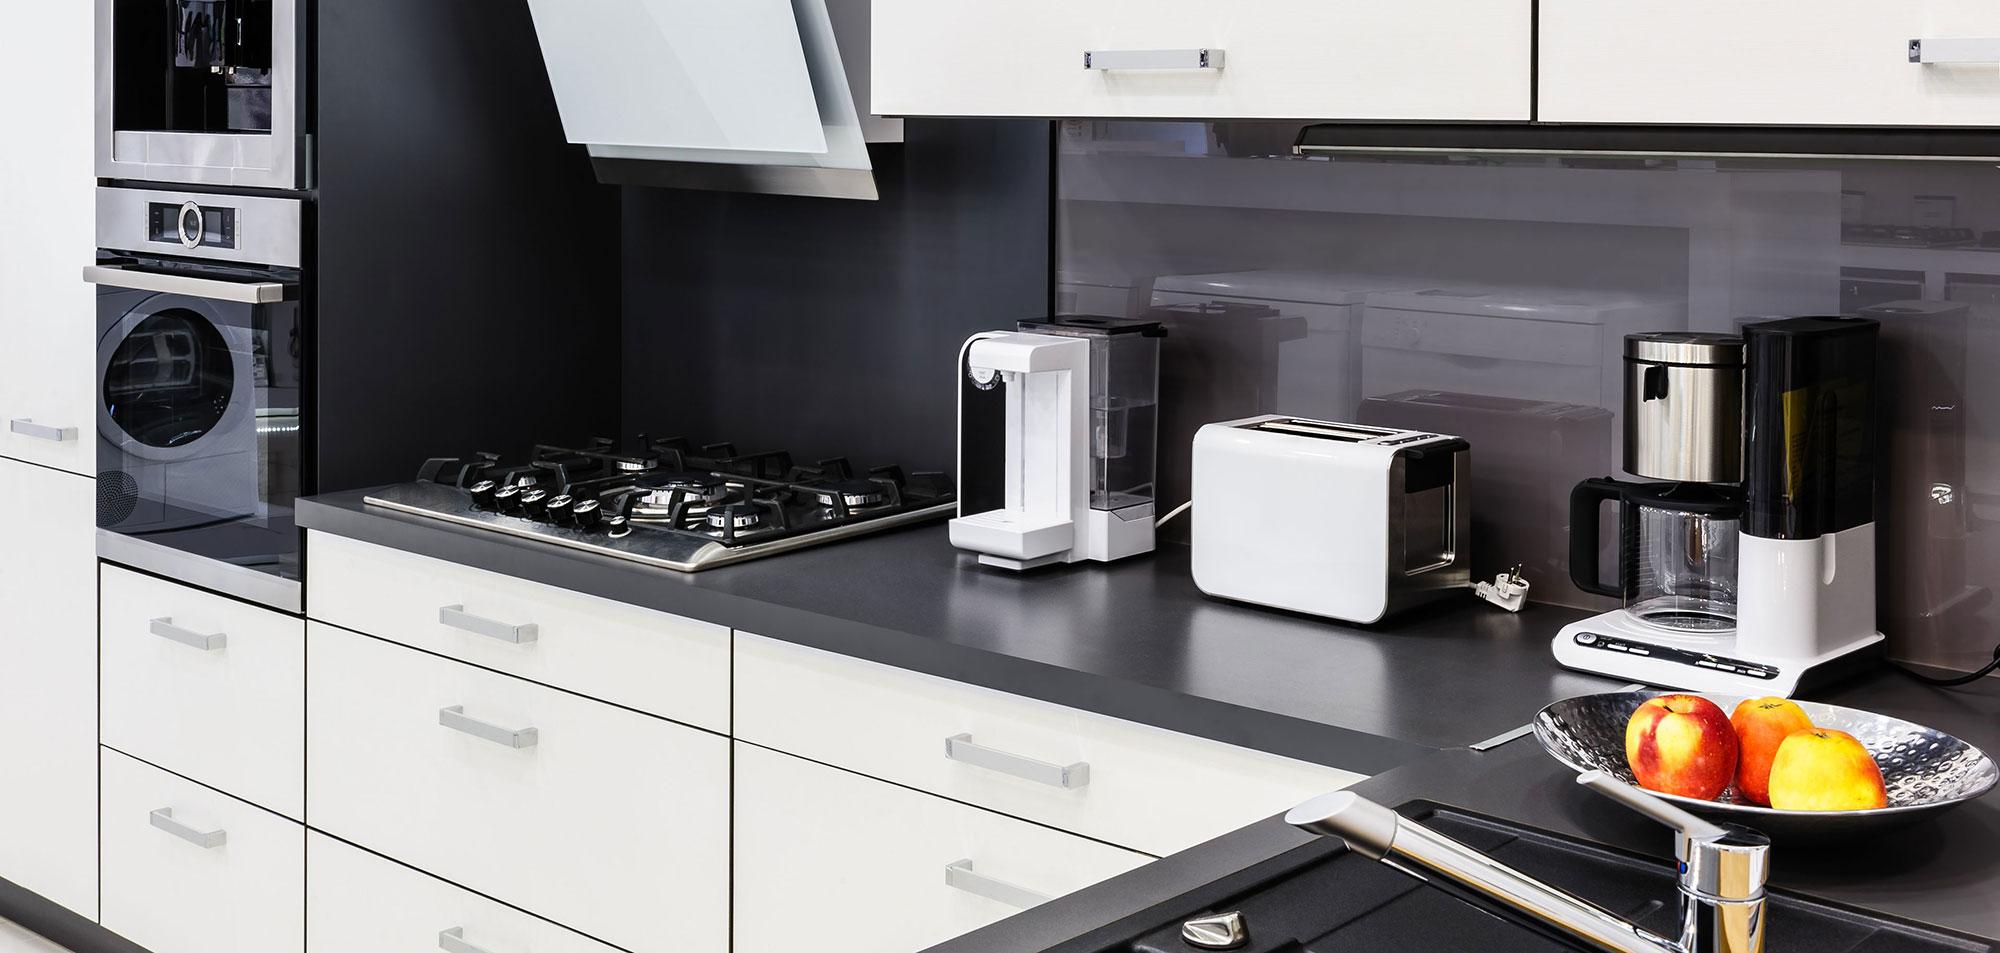 Kleingeräte Für Die Küche U2013 Ersatzteile Und Zubehör